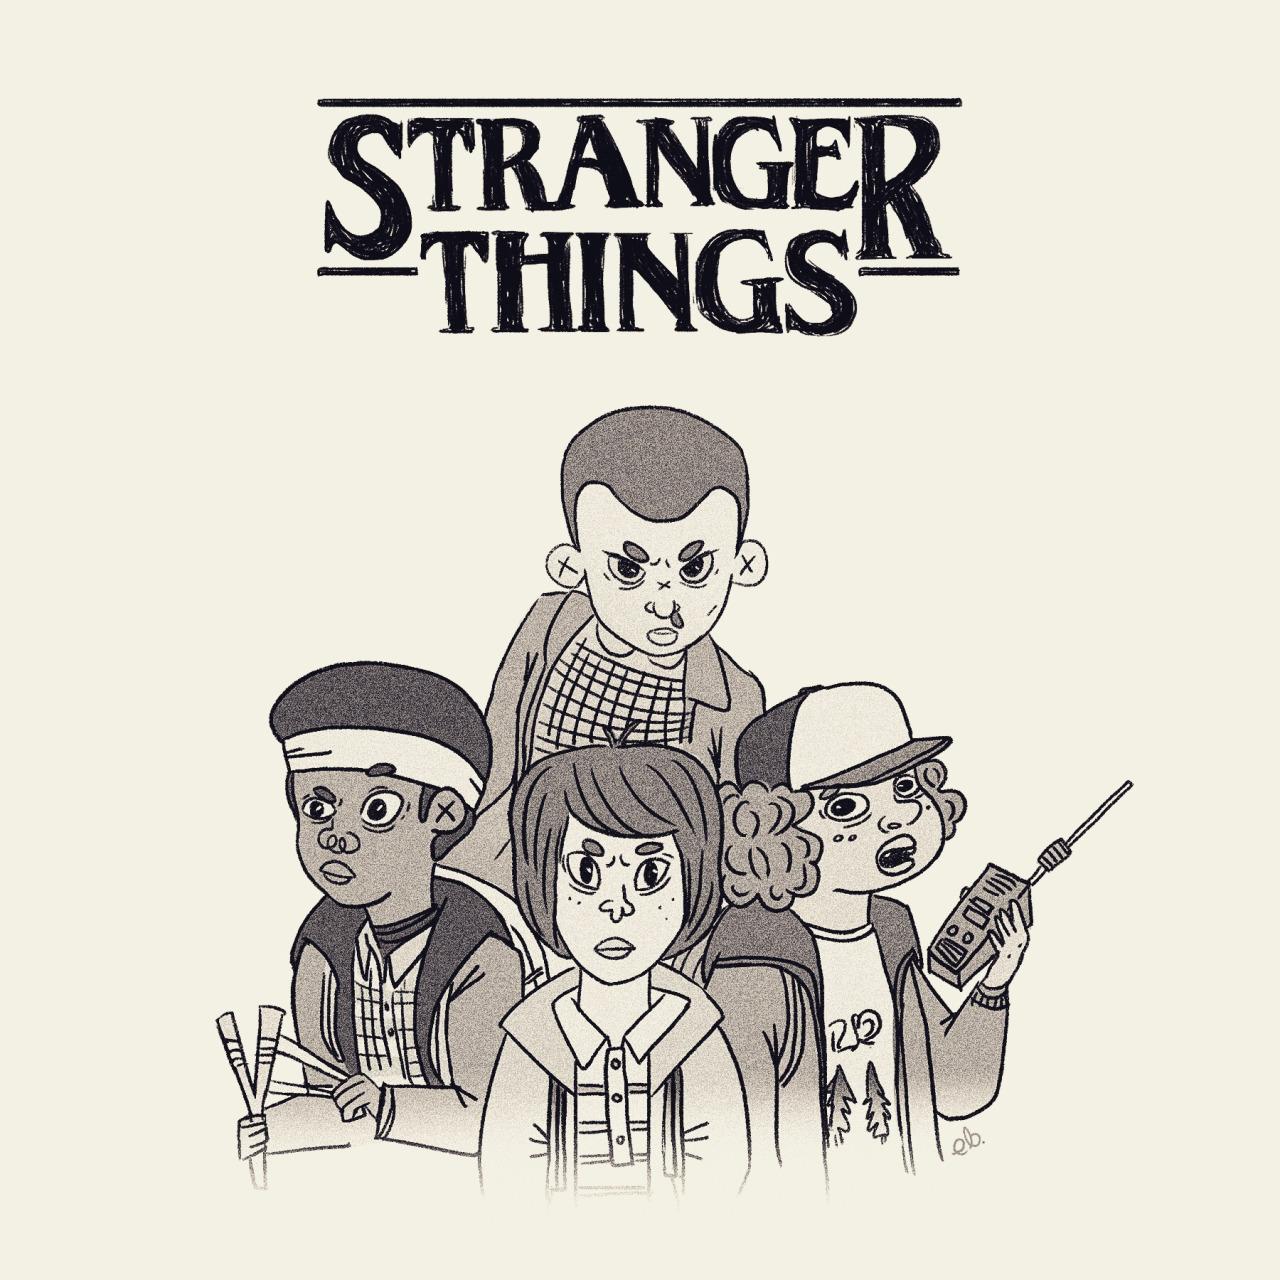 strangerThings_ebarrera.jpg